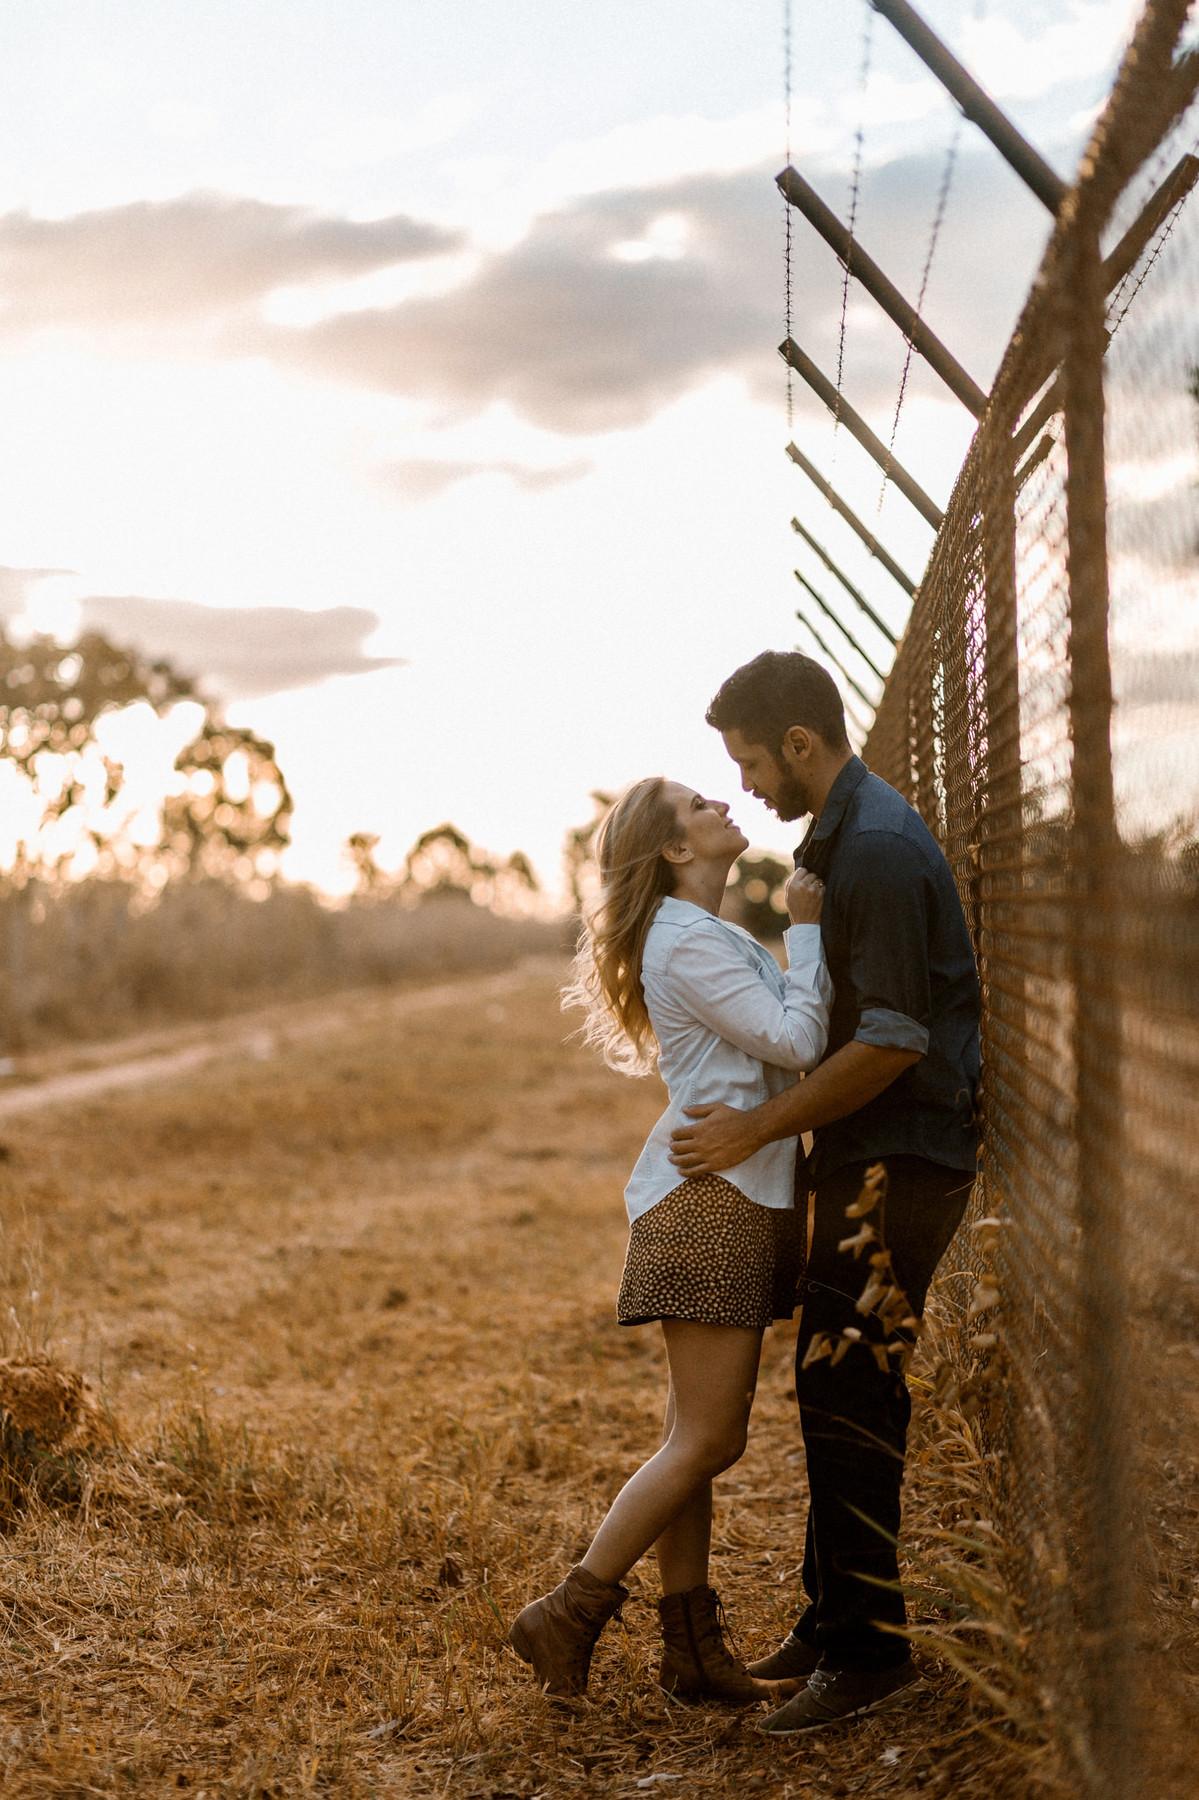 Casal abraçado no mato em Brasília. Foto feita pelo fotógrafo de casamento Gabriel Pelaquim.